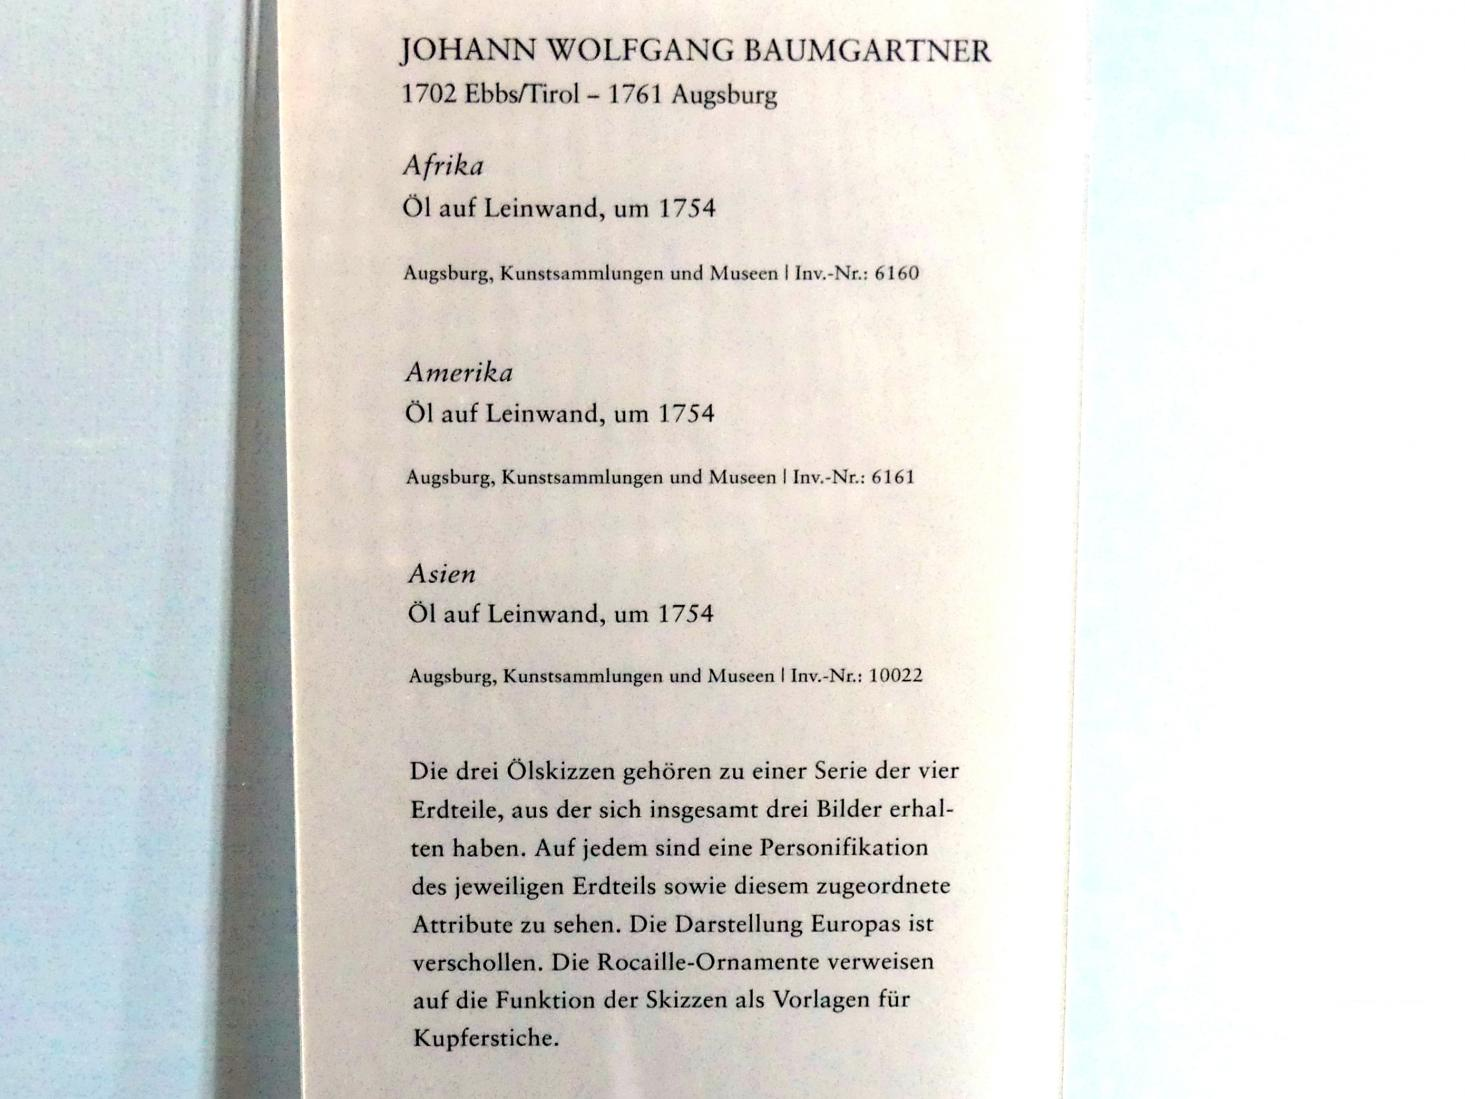 Johann Wolfgang Baumgartner: Asien, Um 1754